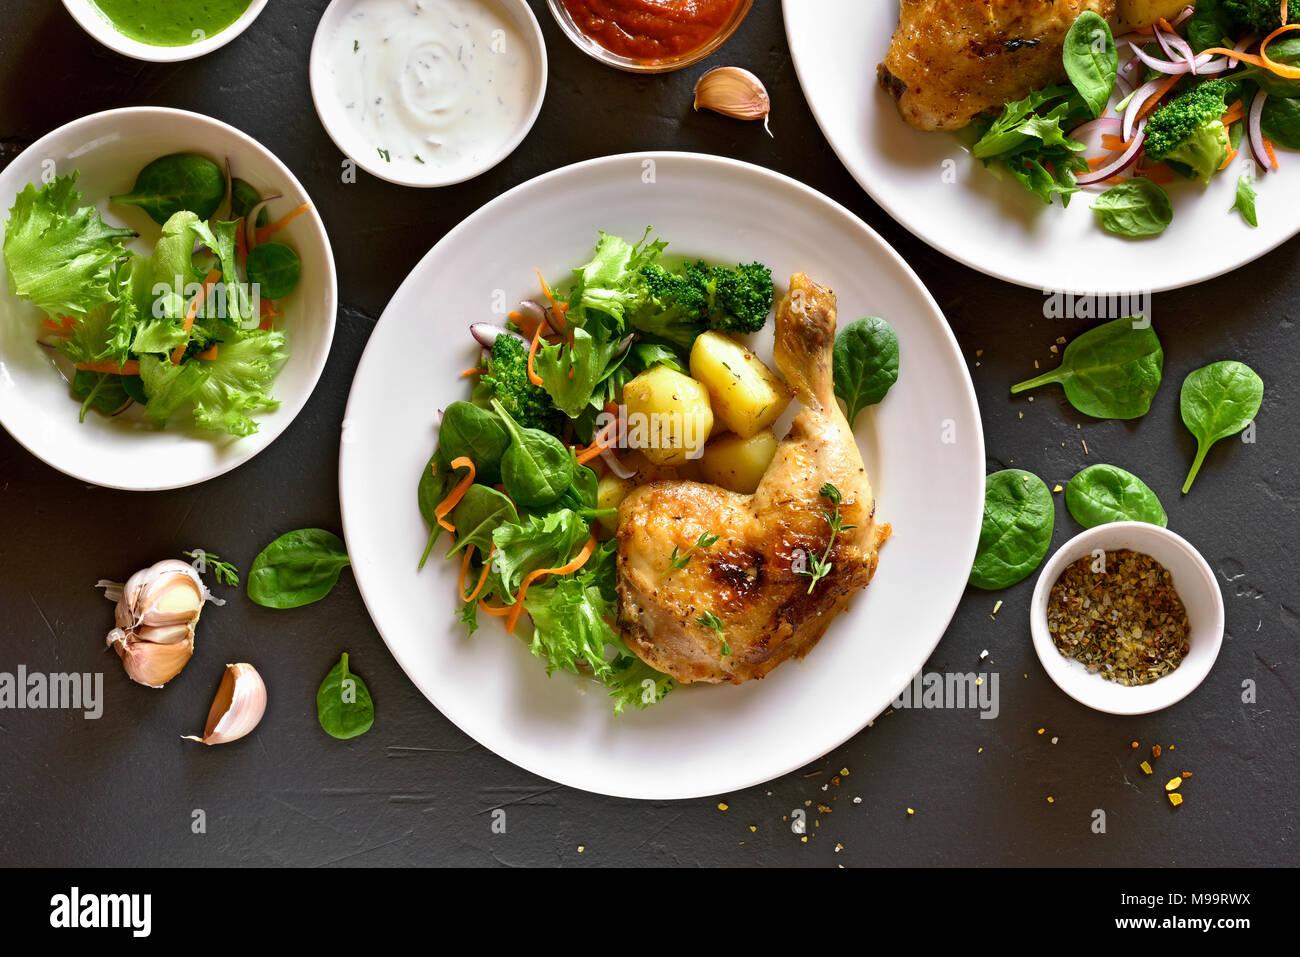 Gustoso pollo al forno della gamba con patate e insalata verde. Piatto per la cena. Vista superiore, laici piatta Immagini Stock